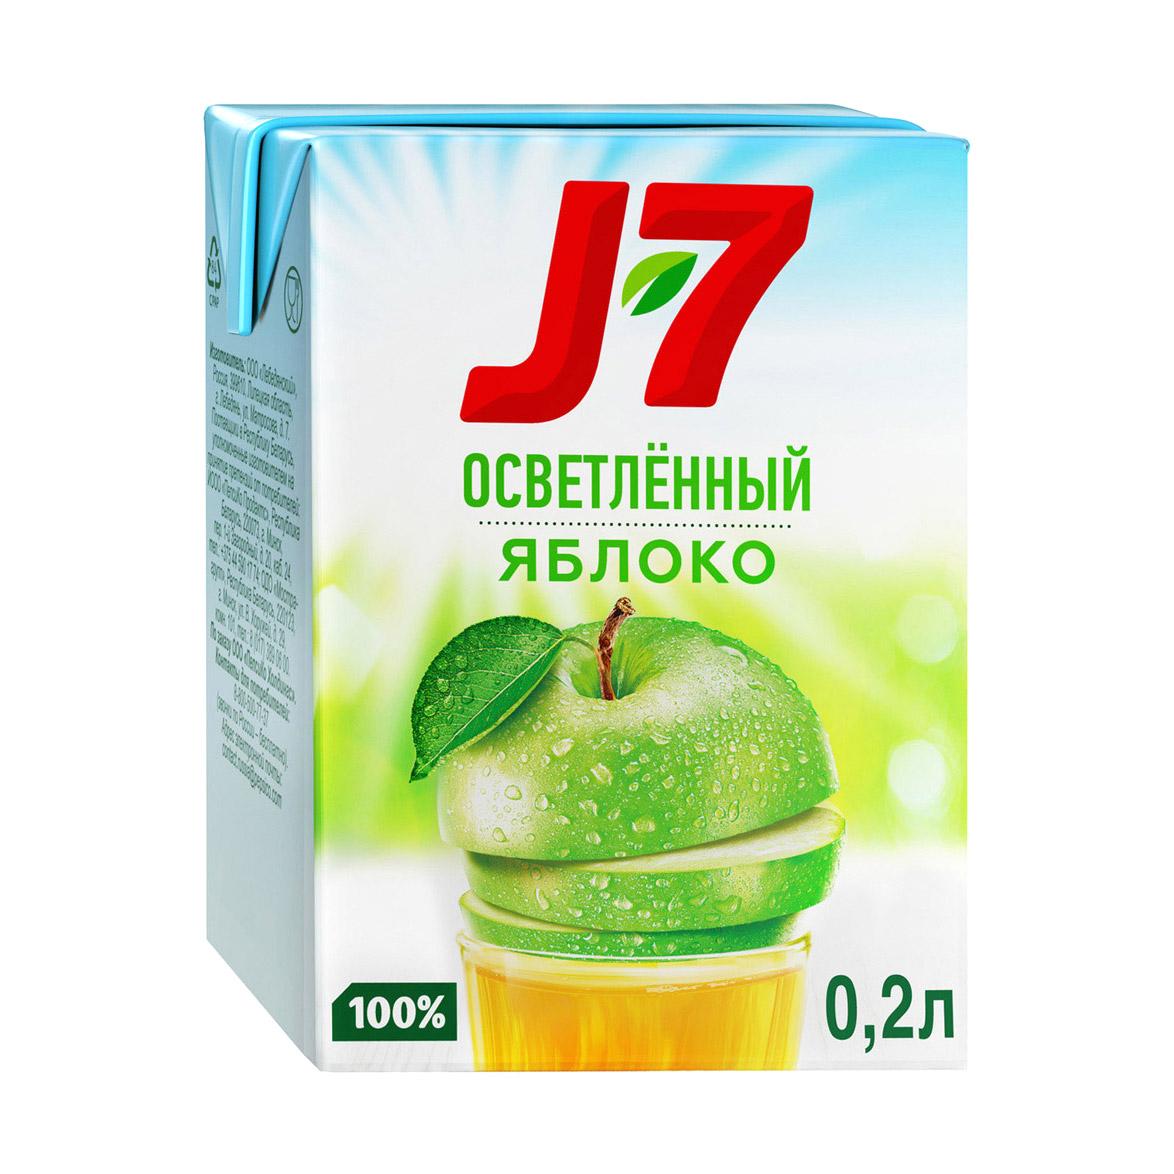 Фото - Сок J7 Яблоко осветленный 200 мл j7